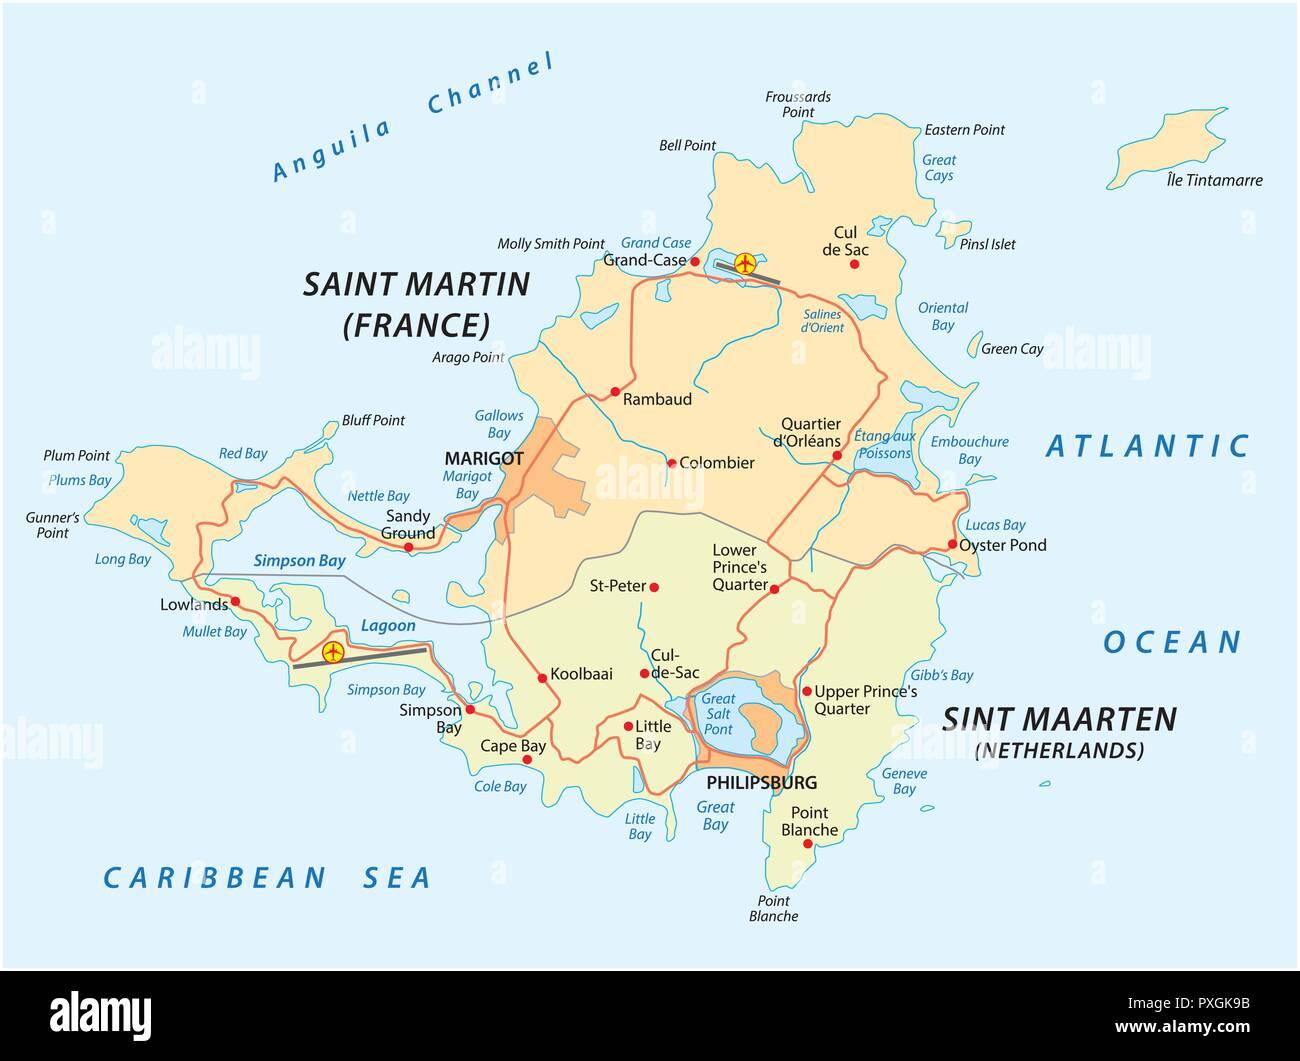 road vector map of Saint-Martin-Sint Maarten. - Stock Image